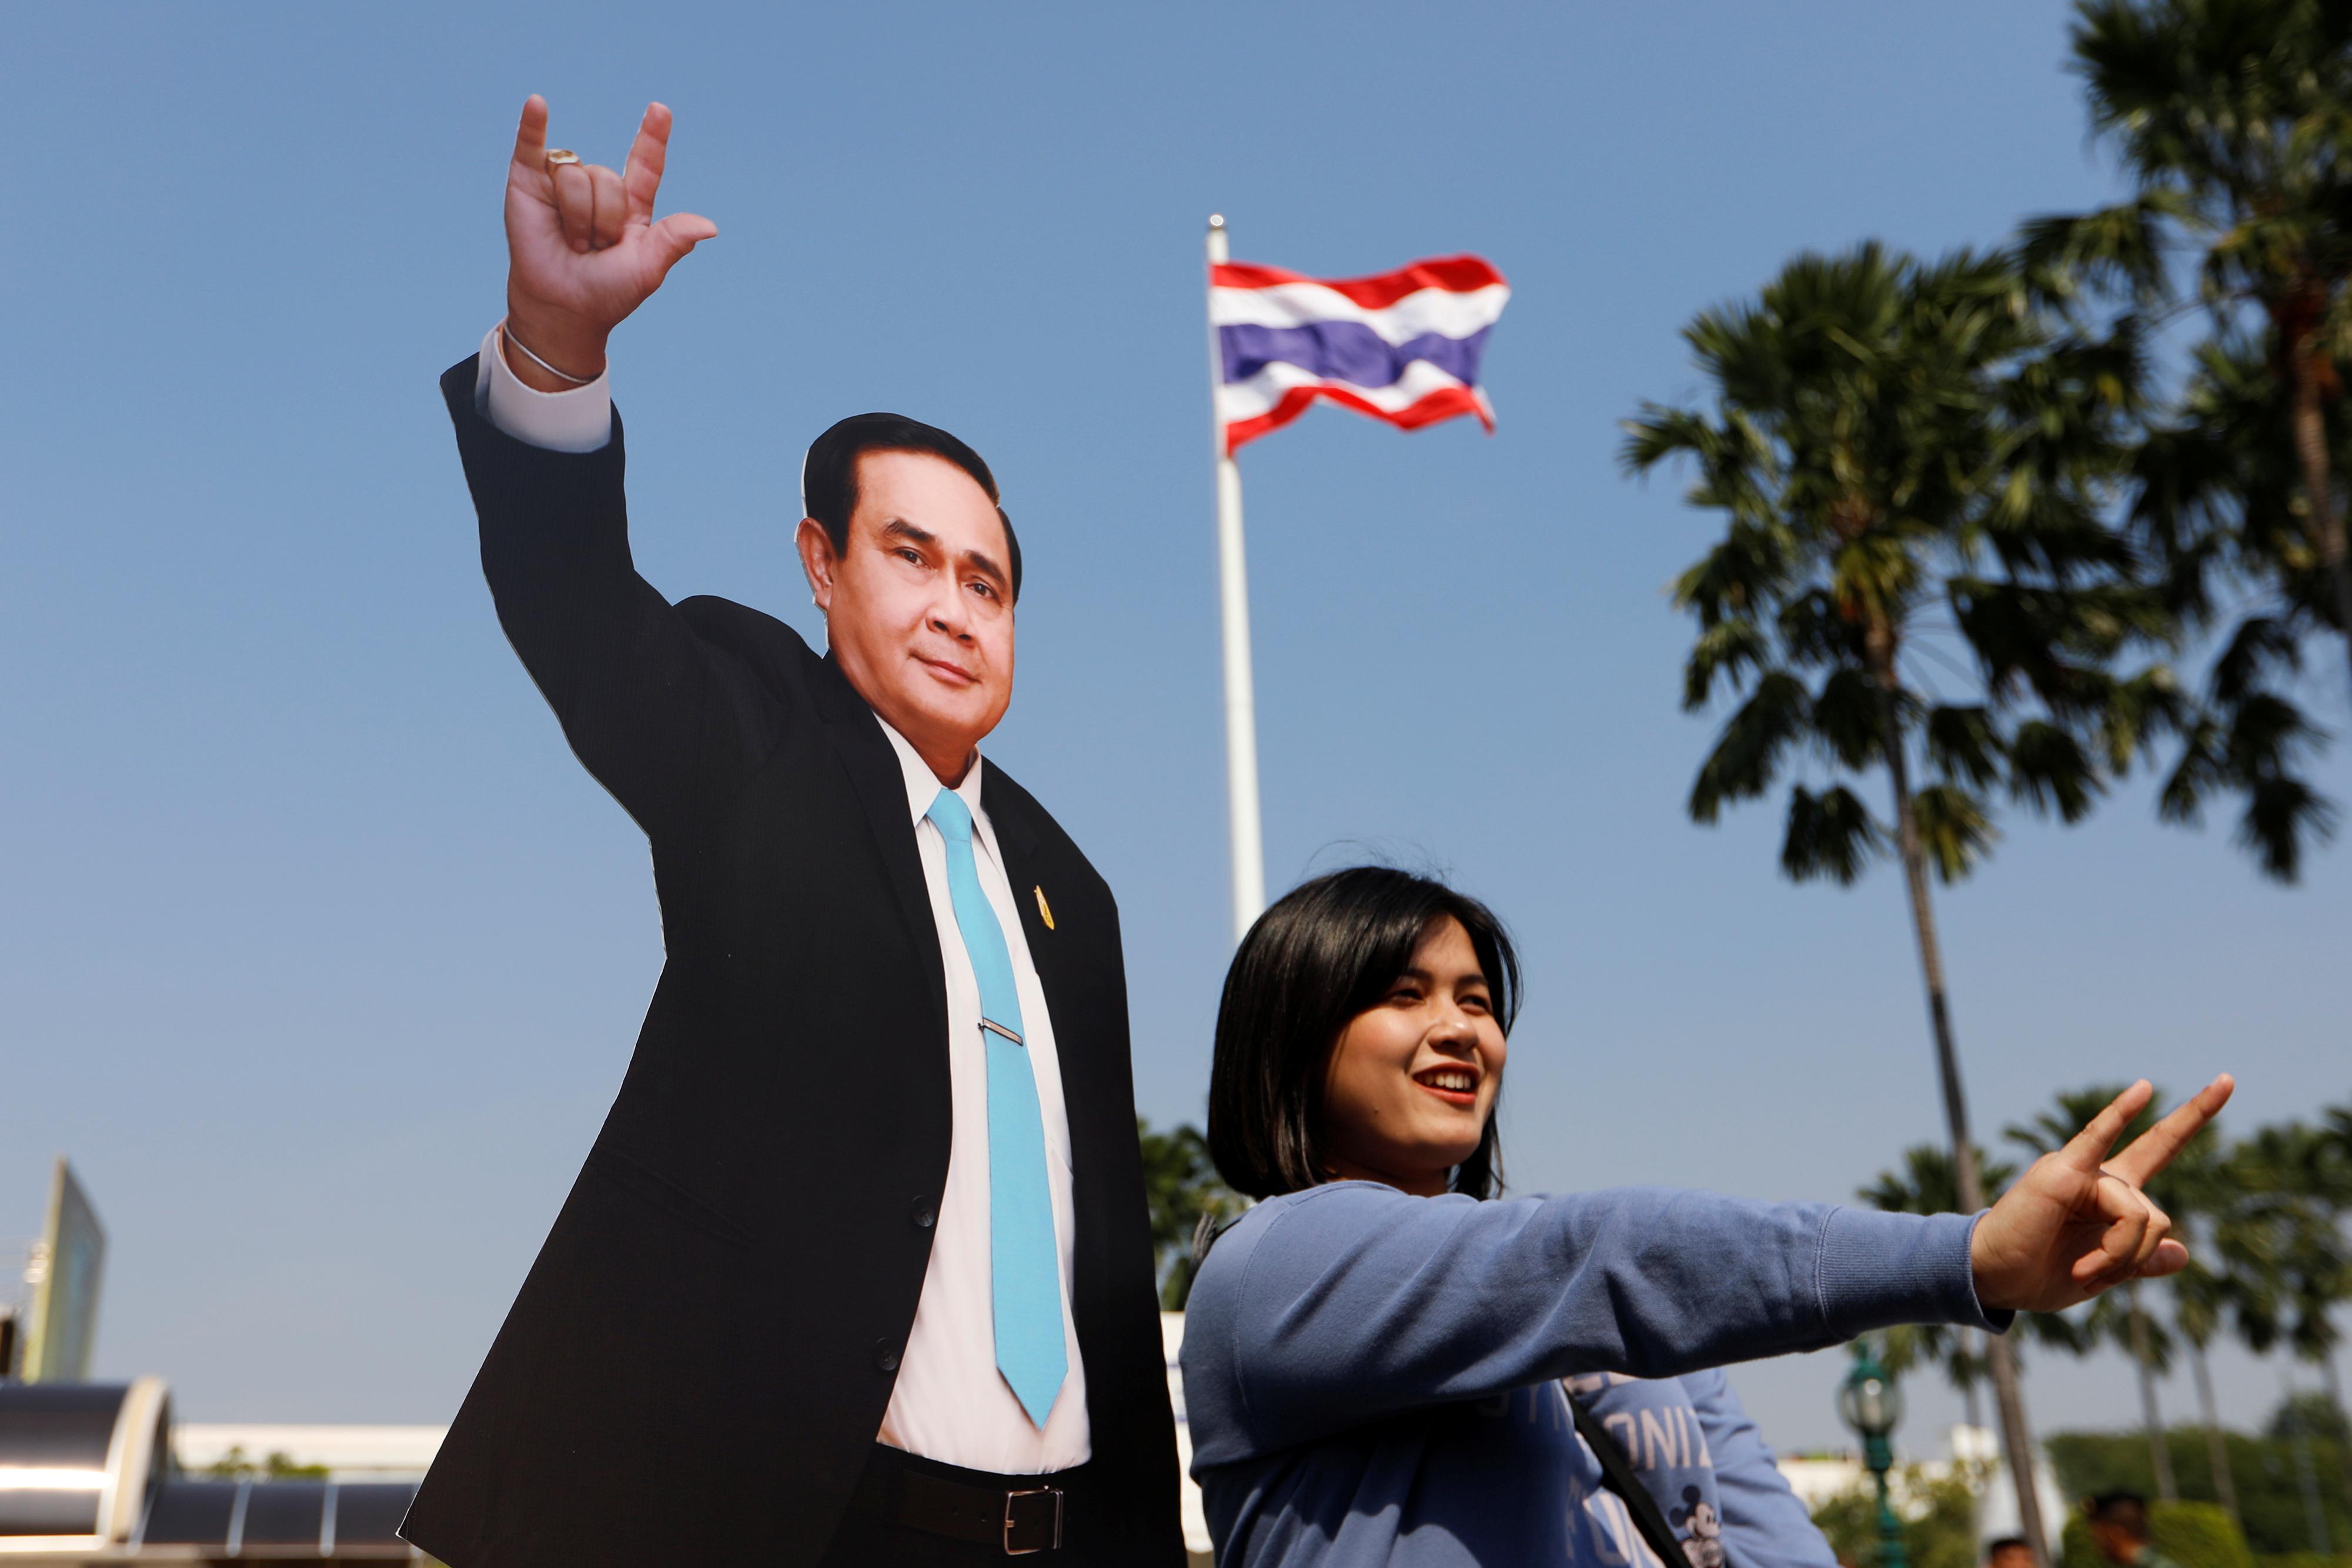 صورة مع هيكل كرتونى لرئيس وزراء تايلاند